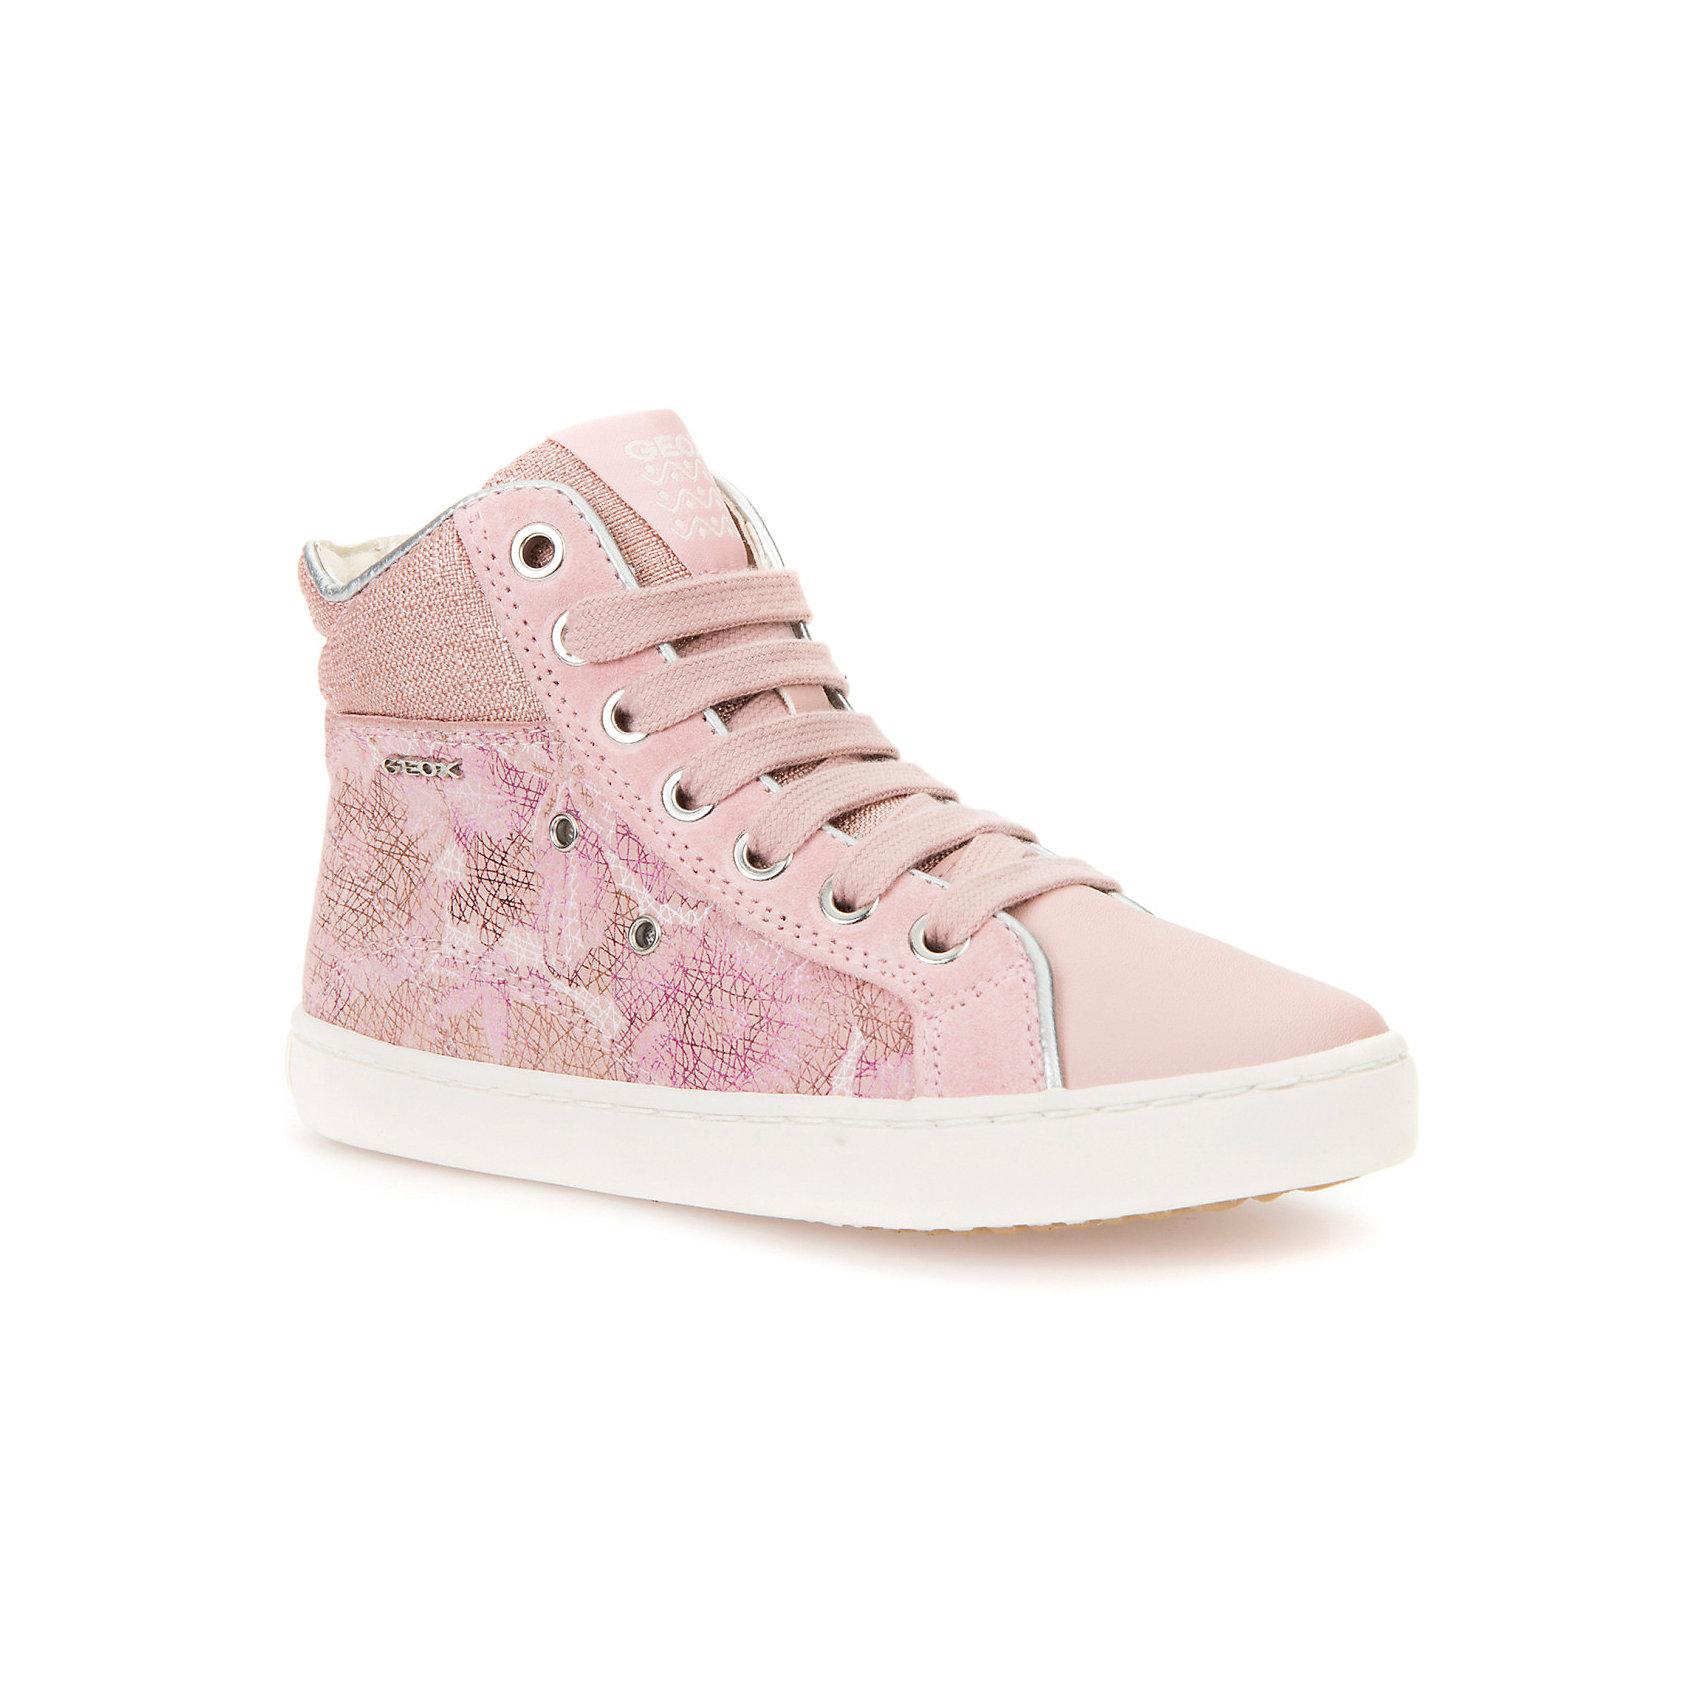 Кеды для девочки GEOXХарактеристики товара:<br><br>• цвет: розовый<br>• внешний материал: 80% натуральная кожа, 20% текстиль<br>• внутренний материал: текстиль<br>• стелька: натуральная кожа<br>• подошва: резина<br>• застежка: шнуровка, молния<br>• комфортная посадка на ноге<br>• высота подошвы: 1 см.<br>• устойчивая подошва<br>• мембранная технология<br>• декорированы логотипом<br>• коллекция: весна-лето 2017<br>• страна бренда: Италия<br><br>Удобные симпатичные кеды помогут обеспечить ребенку комфорт и дополнить наряд. Универсальный цвет позволяет надевать их под одежду разных расцветок. Кеды удобно сидят на ноге и красиво смотрятся. Отличный вариант для прохладной погоды!<br><br>Обувь от бренда GEOX - это классический пример итальянского стиля и высокого качества, известных по всему миру. Модели этой марки - неизменно модные и комфортные. Для их производства используются только безопасные, качественные материалы и фурнитура. Отличие этой линейки обуви - мембранная технология, которая обеспечивает естественное дыхание обуви и в то же время не пропускает воду. Это особенно важно для детской обуви!<br><br>Кеды от итальянского бренда GEOX (ГЕОКС) можно купить в нашем интернет-магазине.<br><br>Ширина мм: 262<br>Глубина мм: 176<br>Высота мм: 97<br>Вес г: 427<br>Цвет: розовый<br>Возраст от месяцев: 120<br>Возраст до месяцев: 132<br>Пол: Женский<br>Возраст: Детский<br>Размер: 34,26,27,28,29,30,31,32,33<br>SKU: 5335679